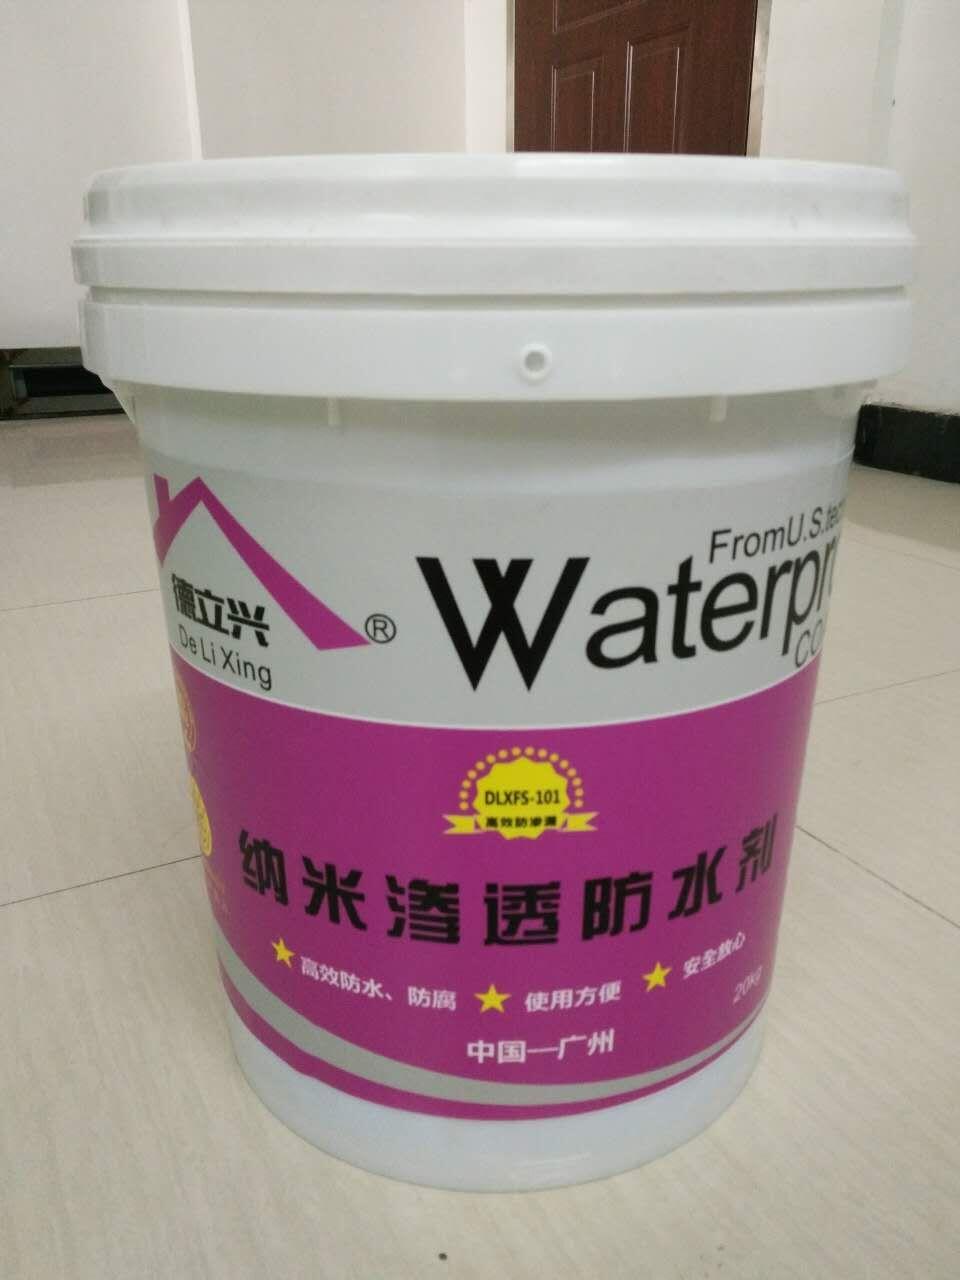 渗透防水剂-厂家直销|价格优惠|质量保证